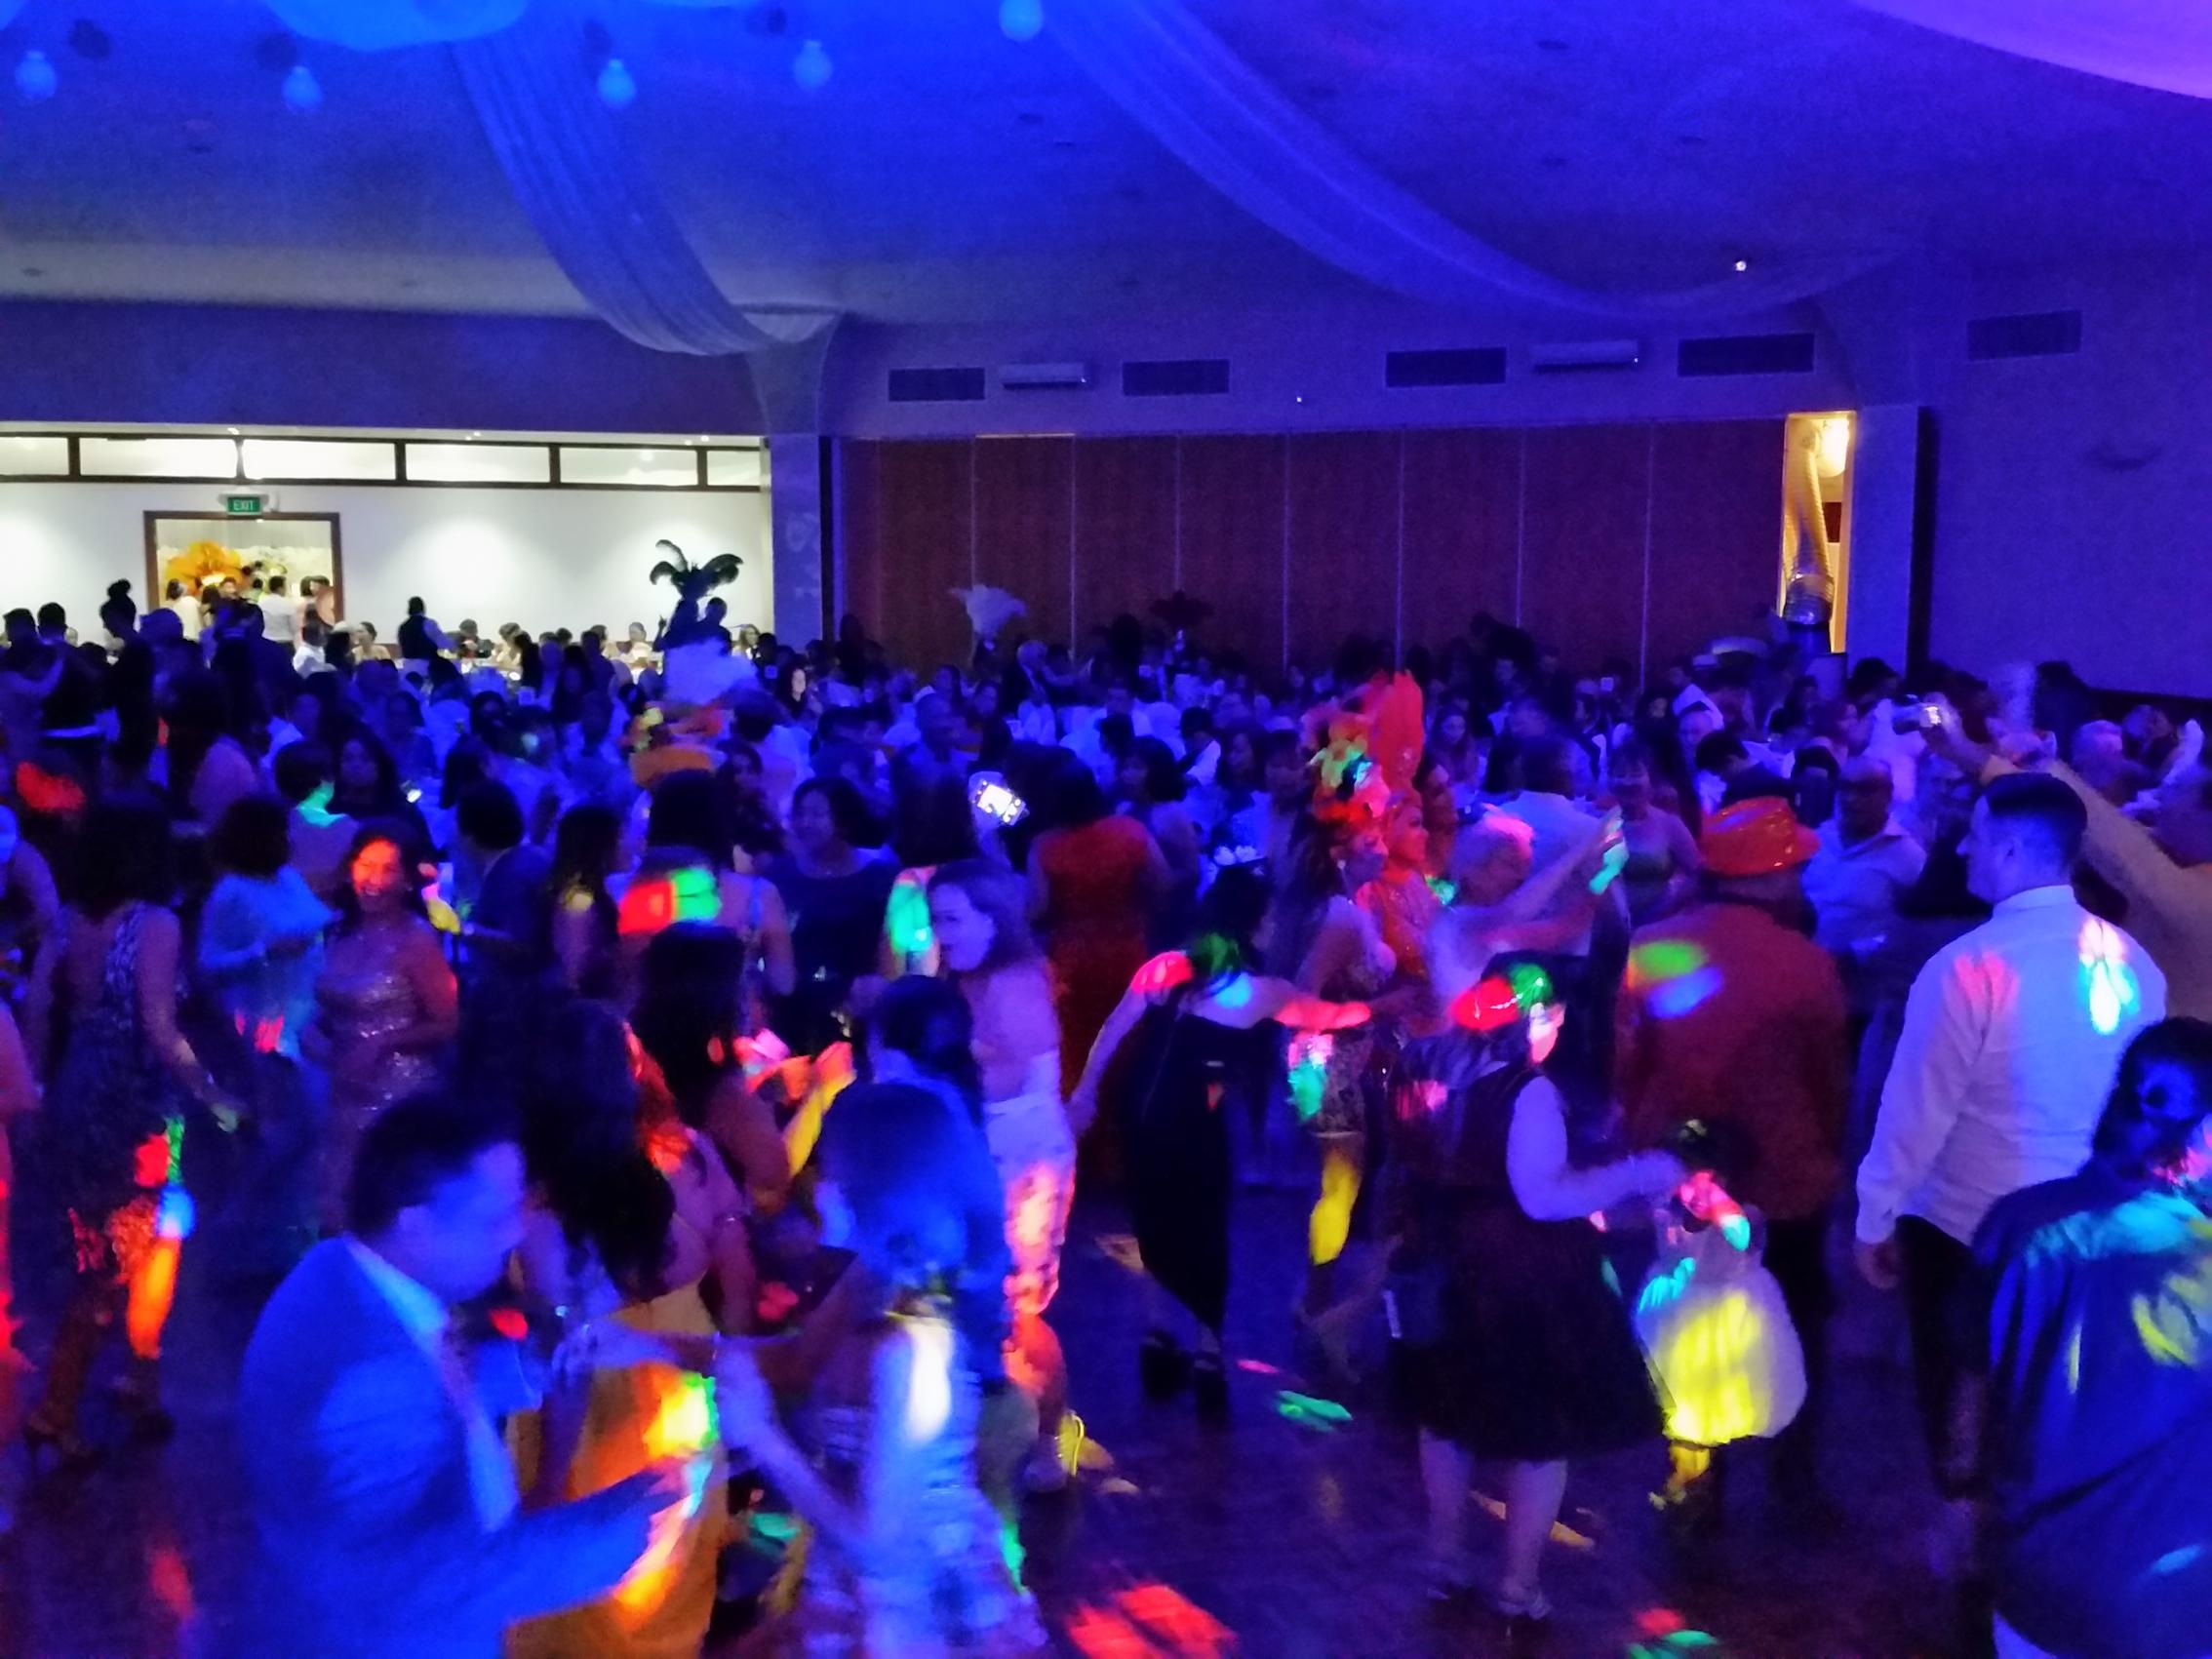 melbourne charity ball event dinner dance australia